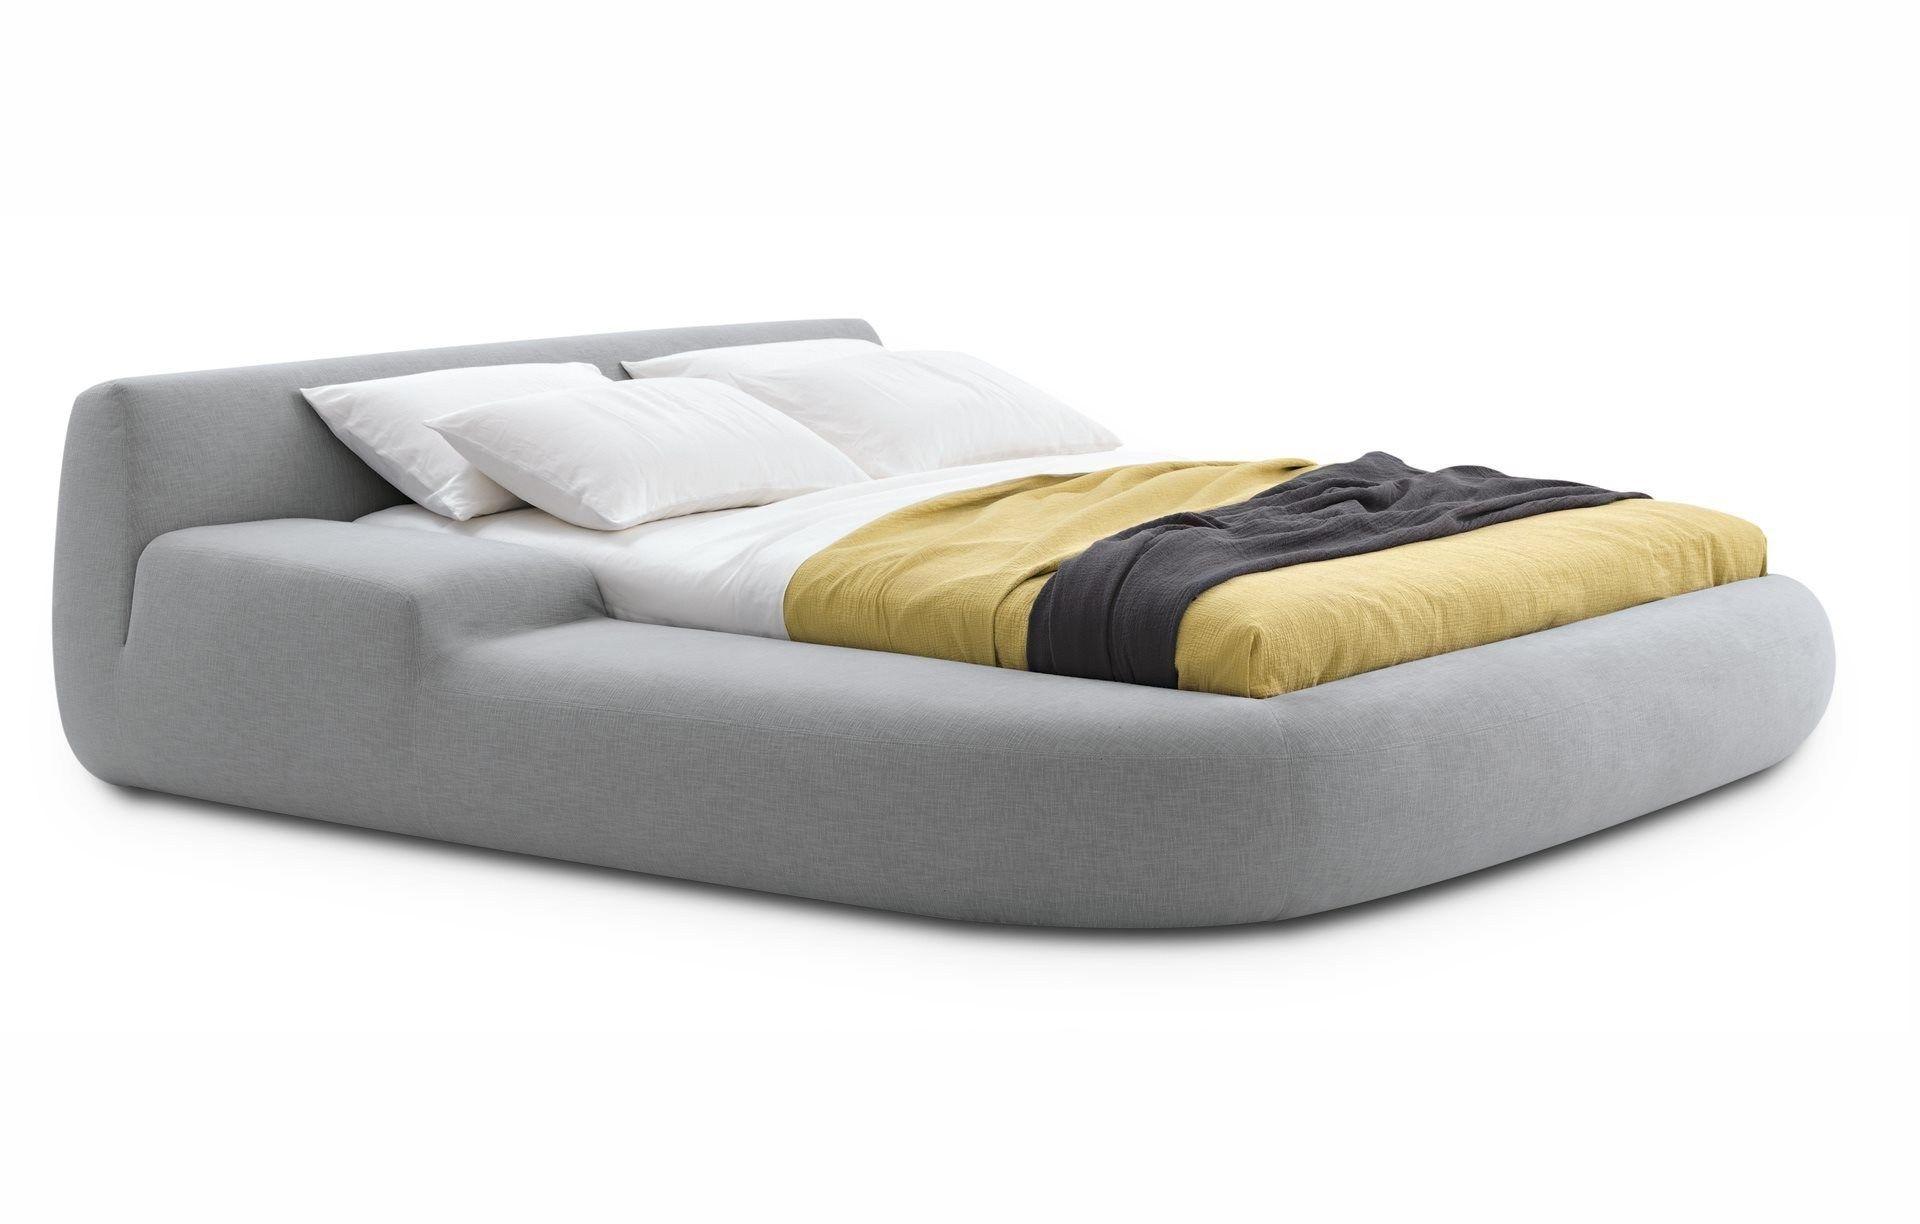 Letto imbottito matrimoniale sfoderabile in tessuto BIG BED by ...